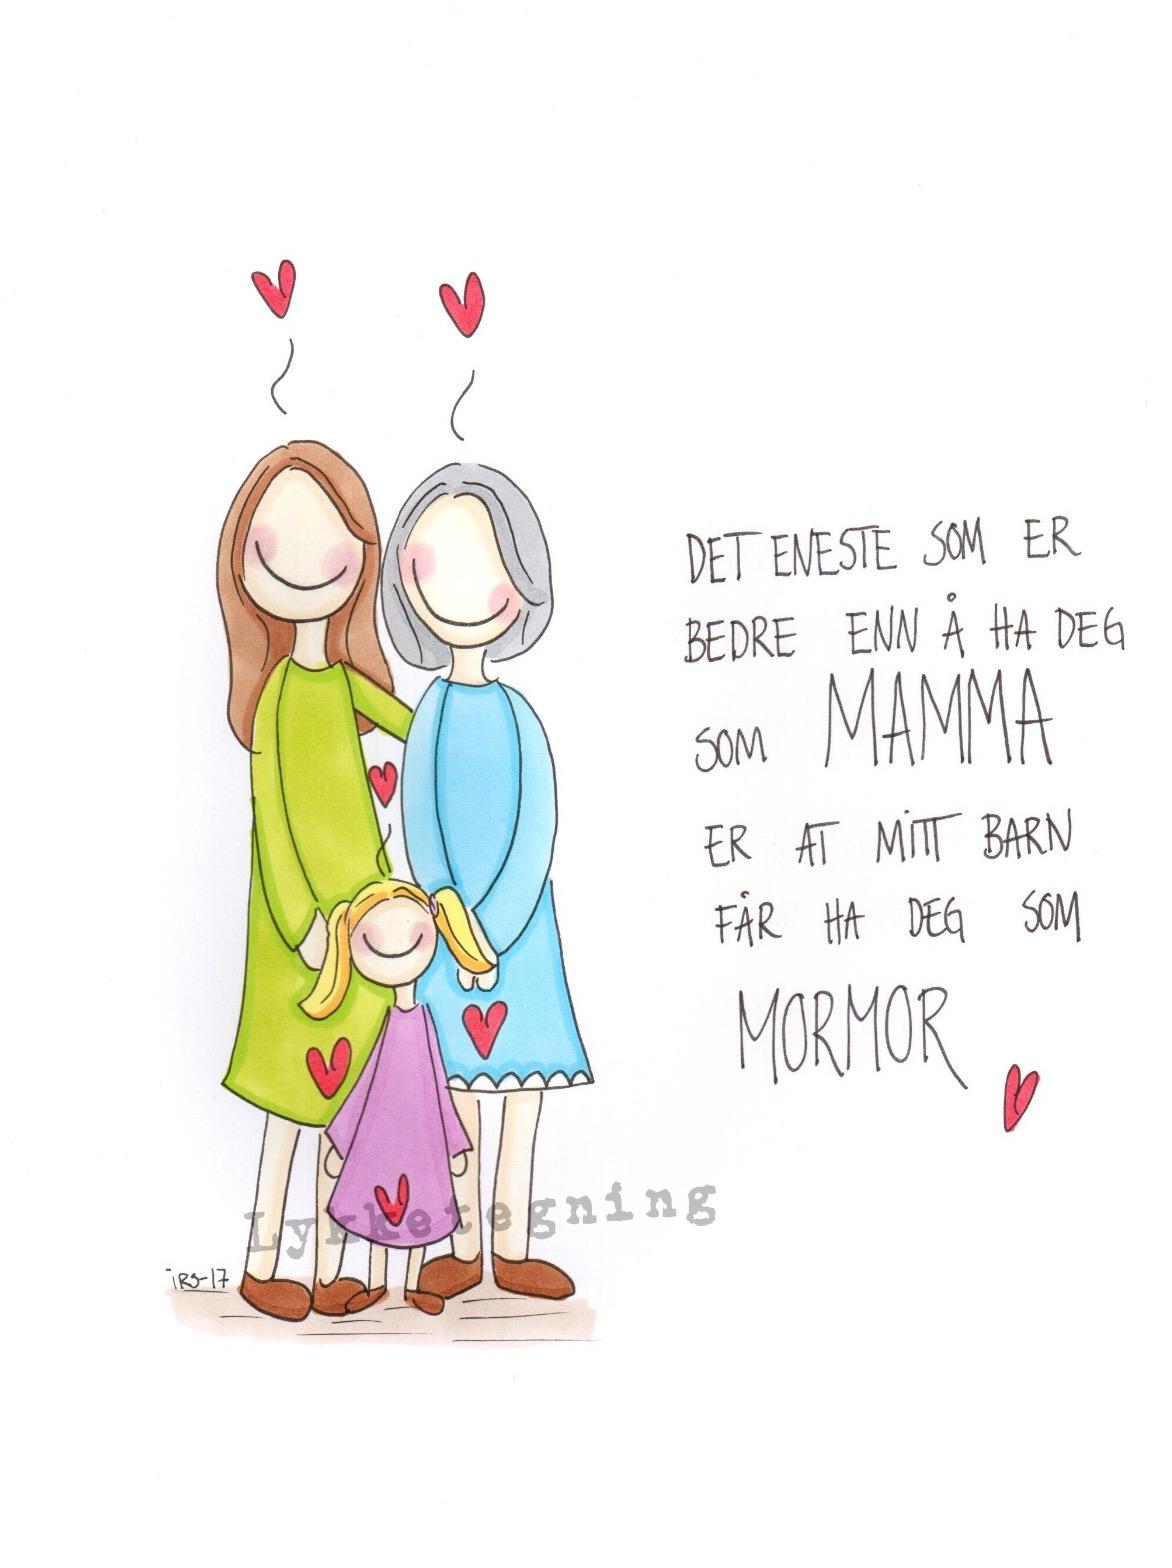 mors dag gavekort